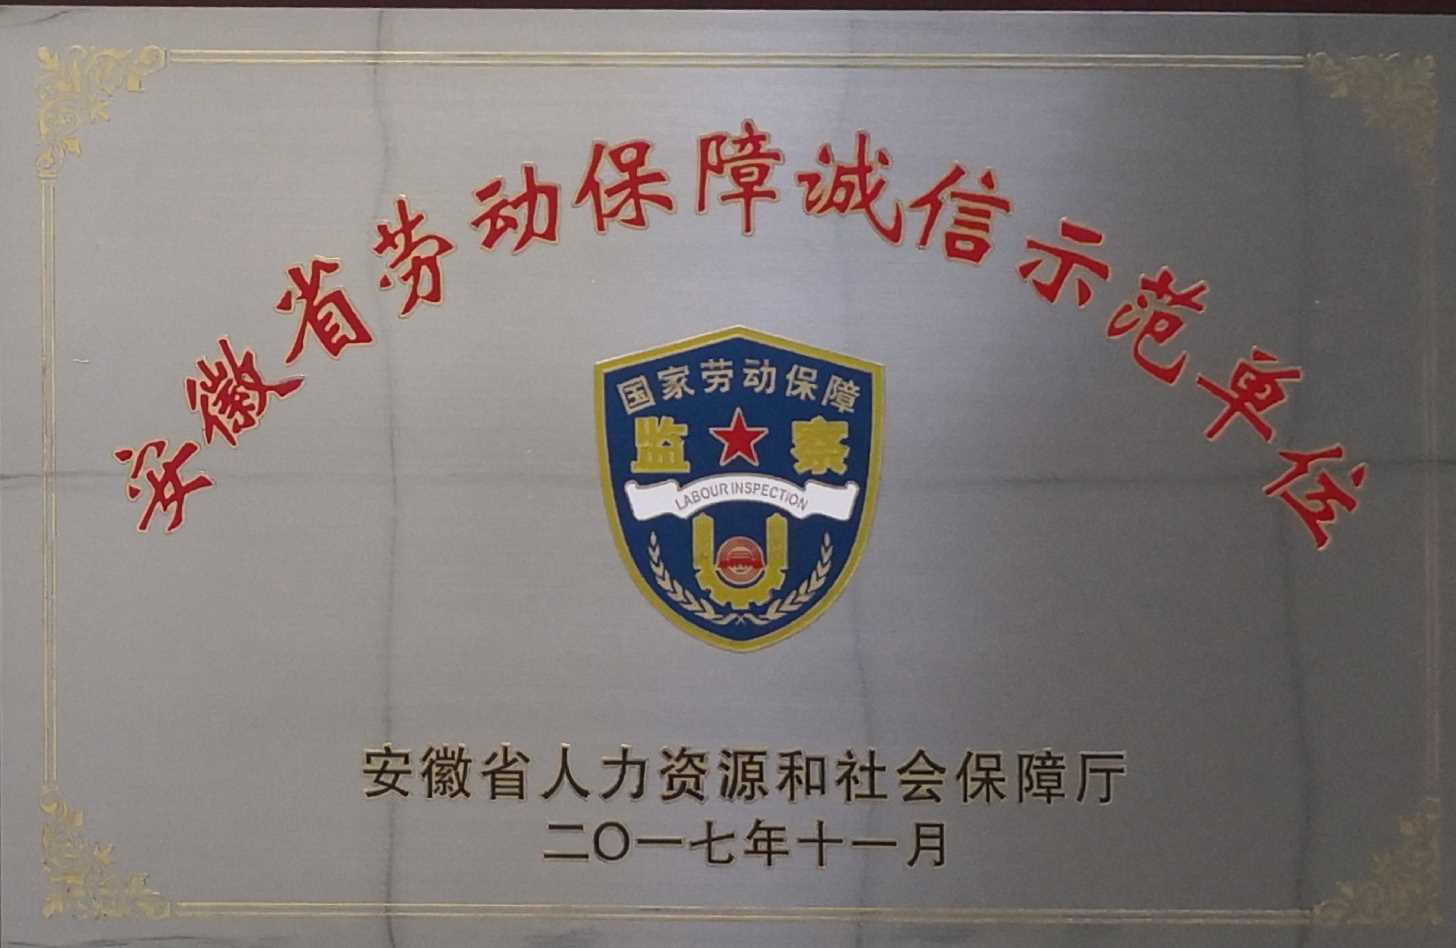 安徽省勞動保障誠信示范單位